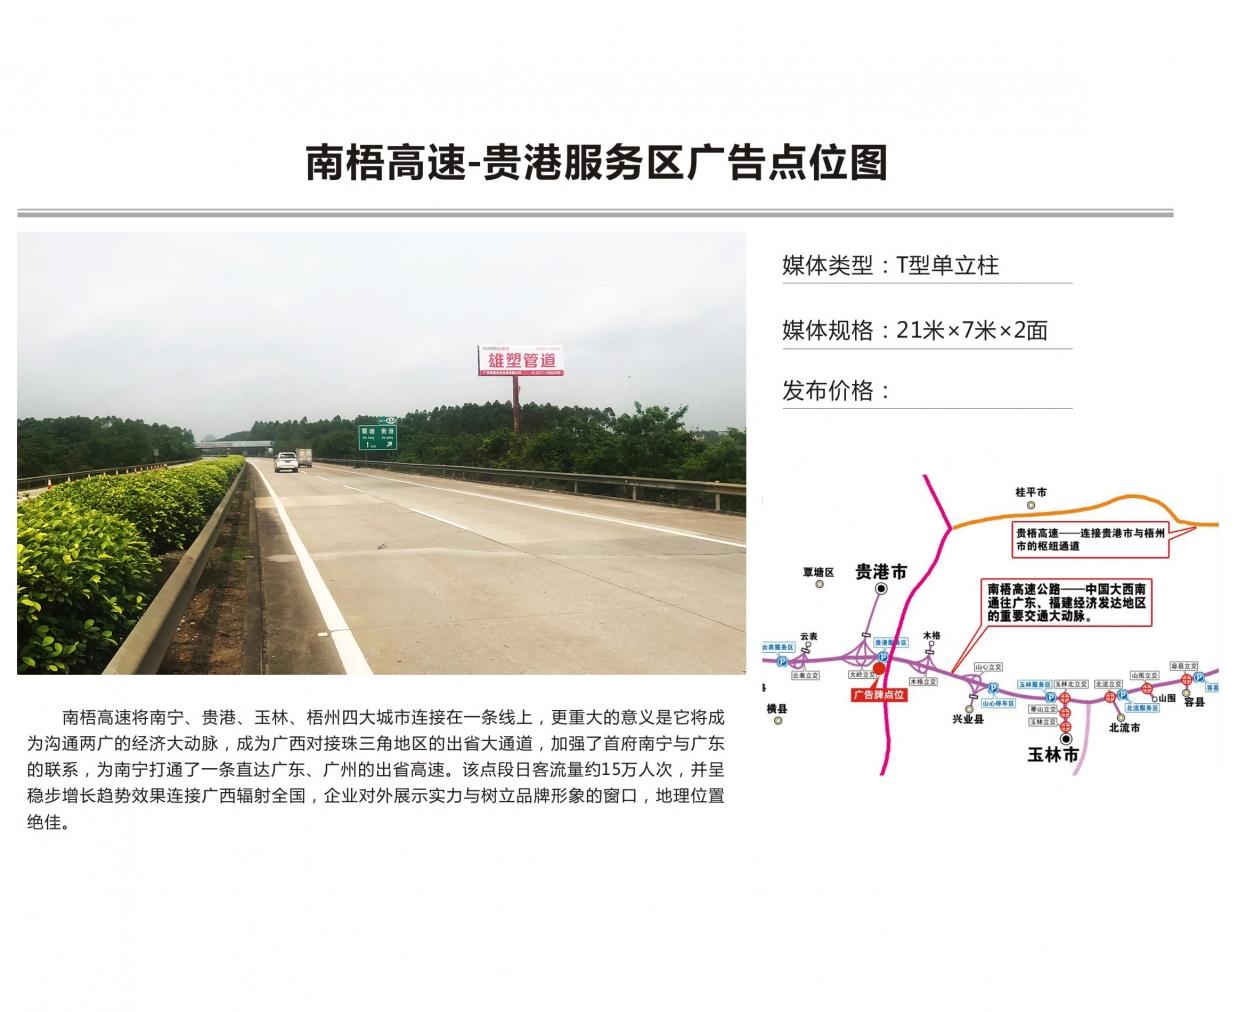 南梧高速-贵港服务区旁广告点位图